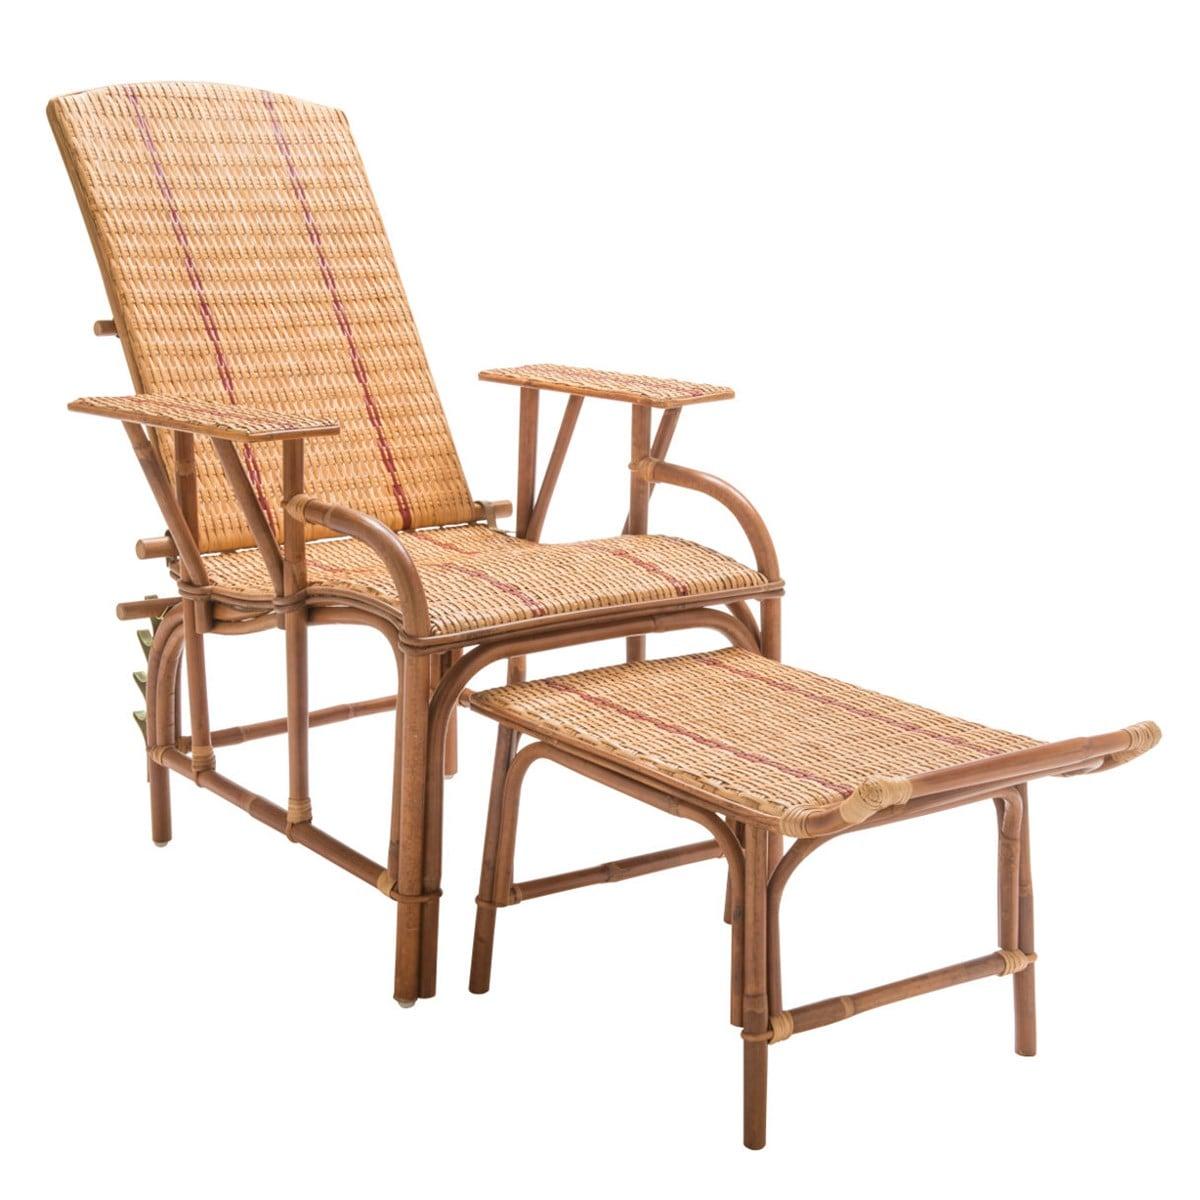 Maison Du Monde Fauteuil Rotin chaise longue en rotin bagatelle | nature & découvertes